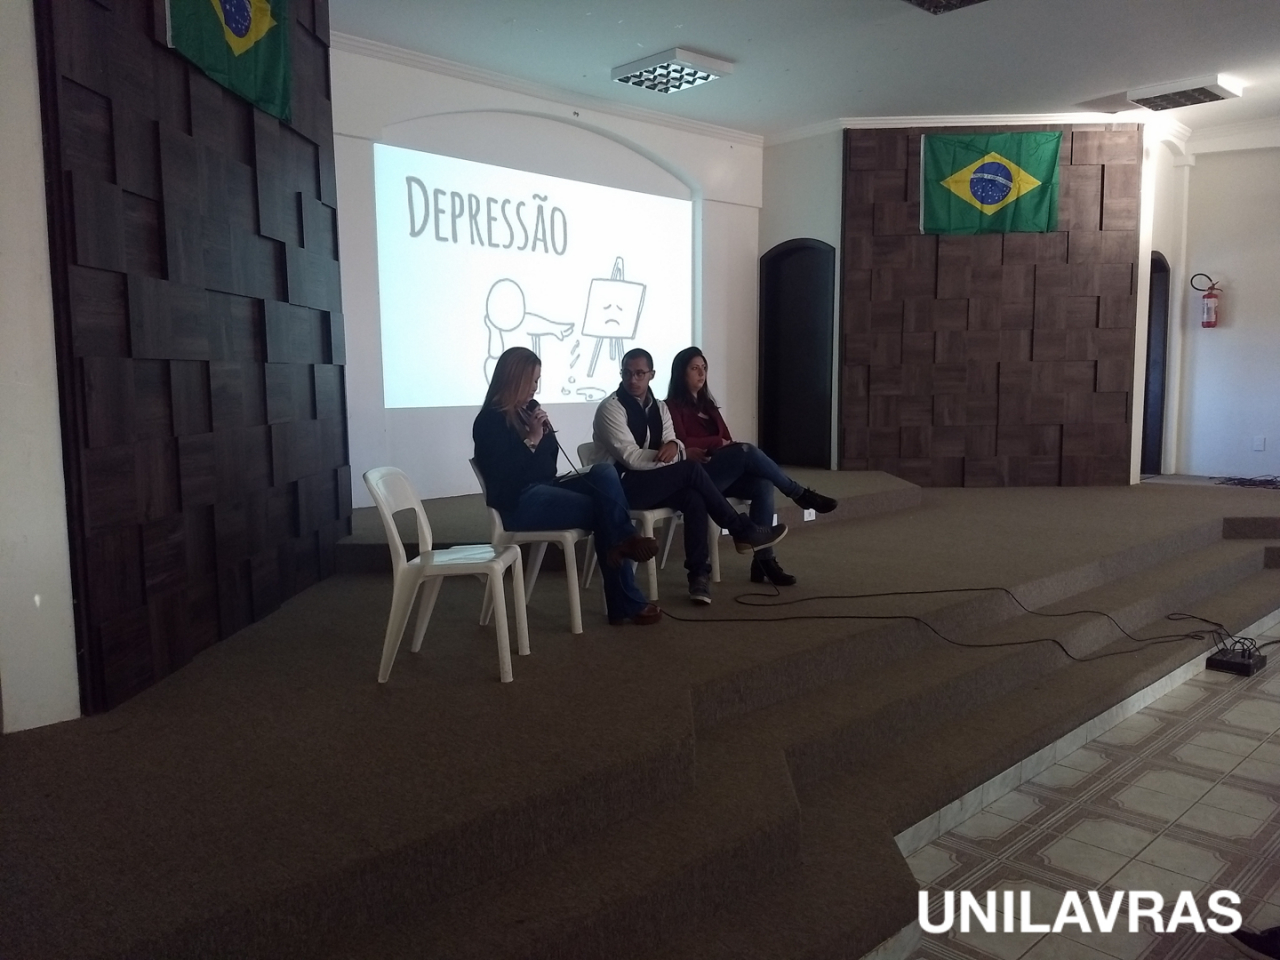 UNILAVRAS_-2